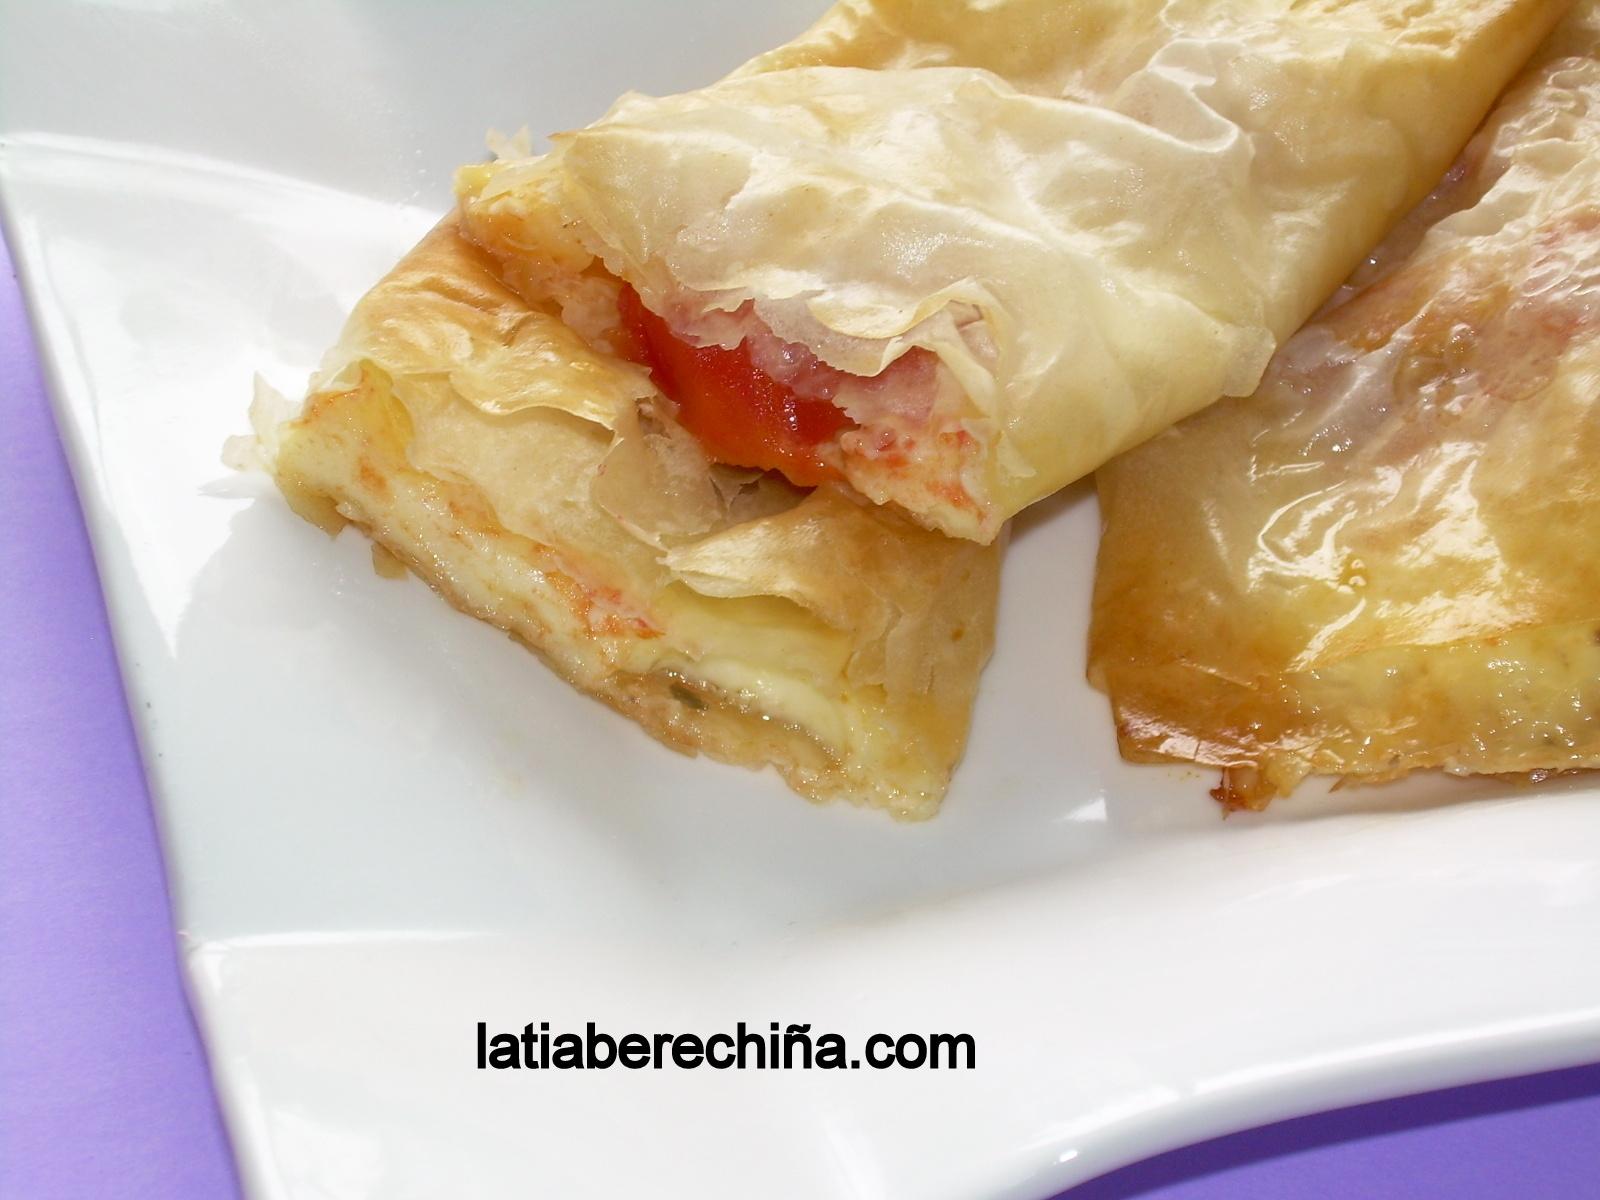 El blog de la tia berechi a pa uelos de pasta filo y - Que hacer con la pasta filo ...